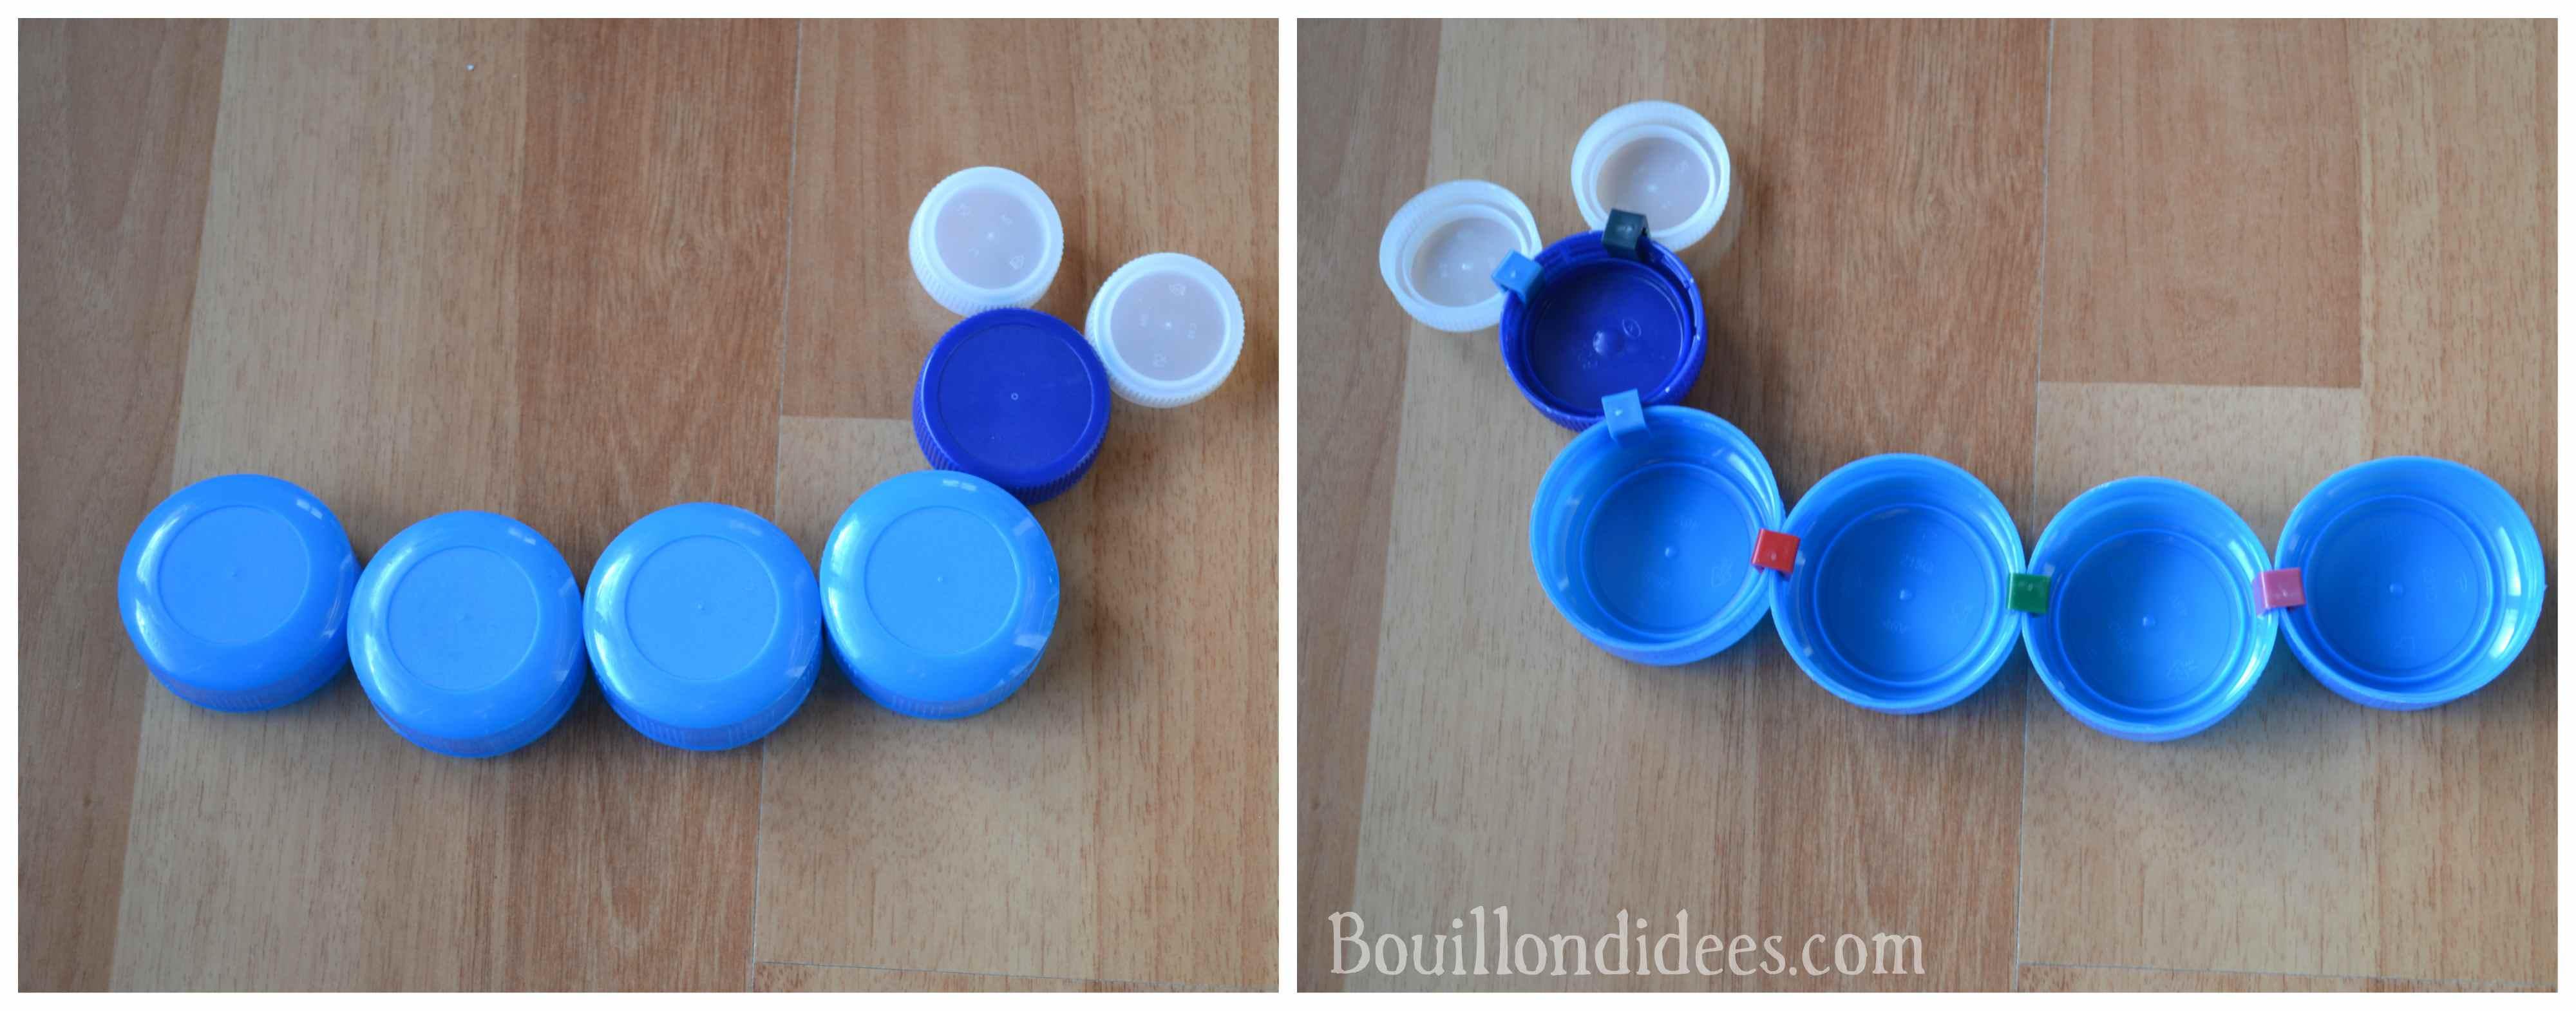 Clip it un jeu cr atif colo et conomique avec les bouchons en plastique - Creation avec des bouchons ...